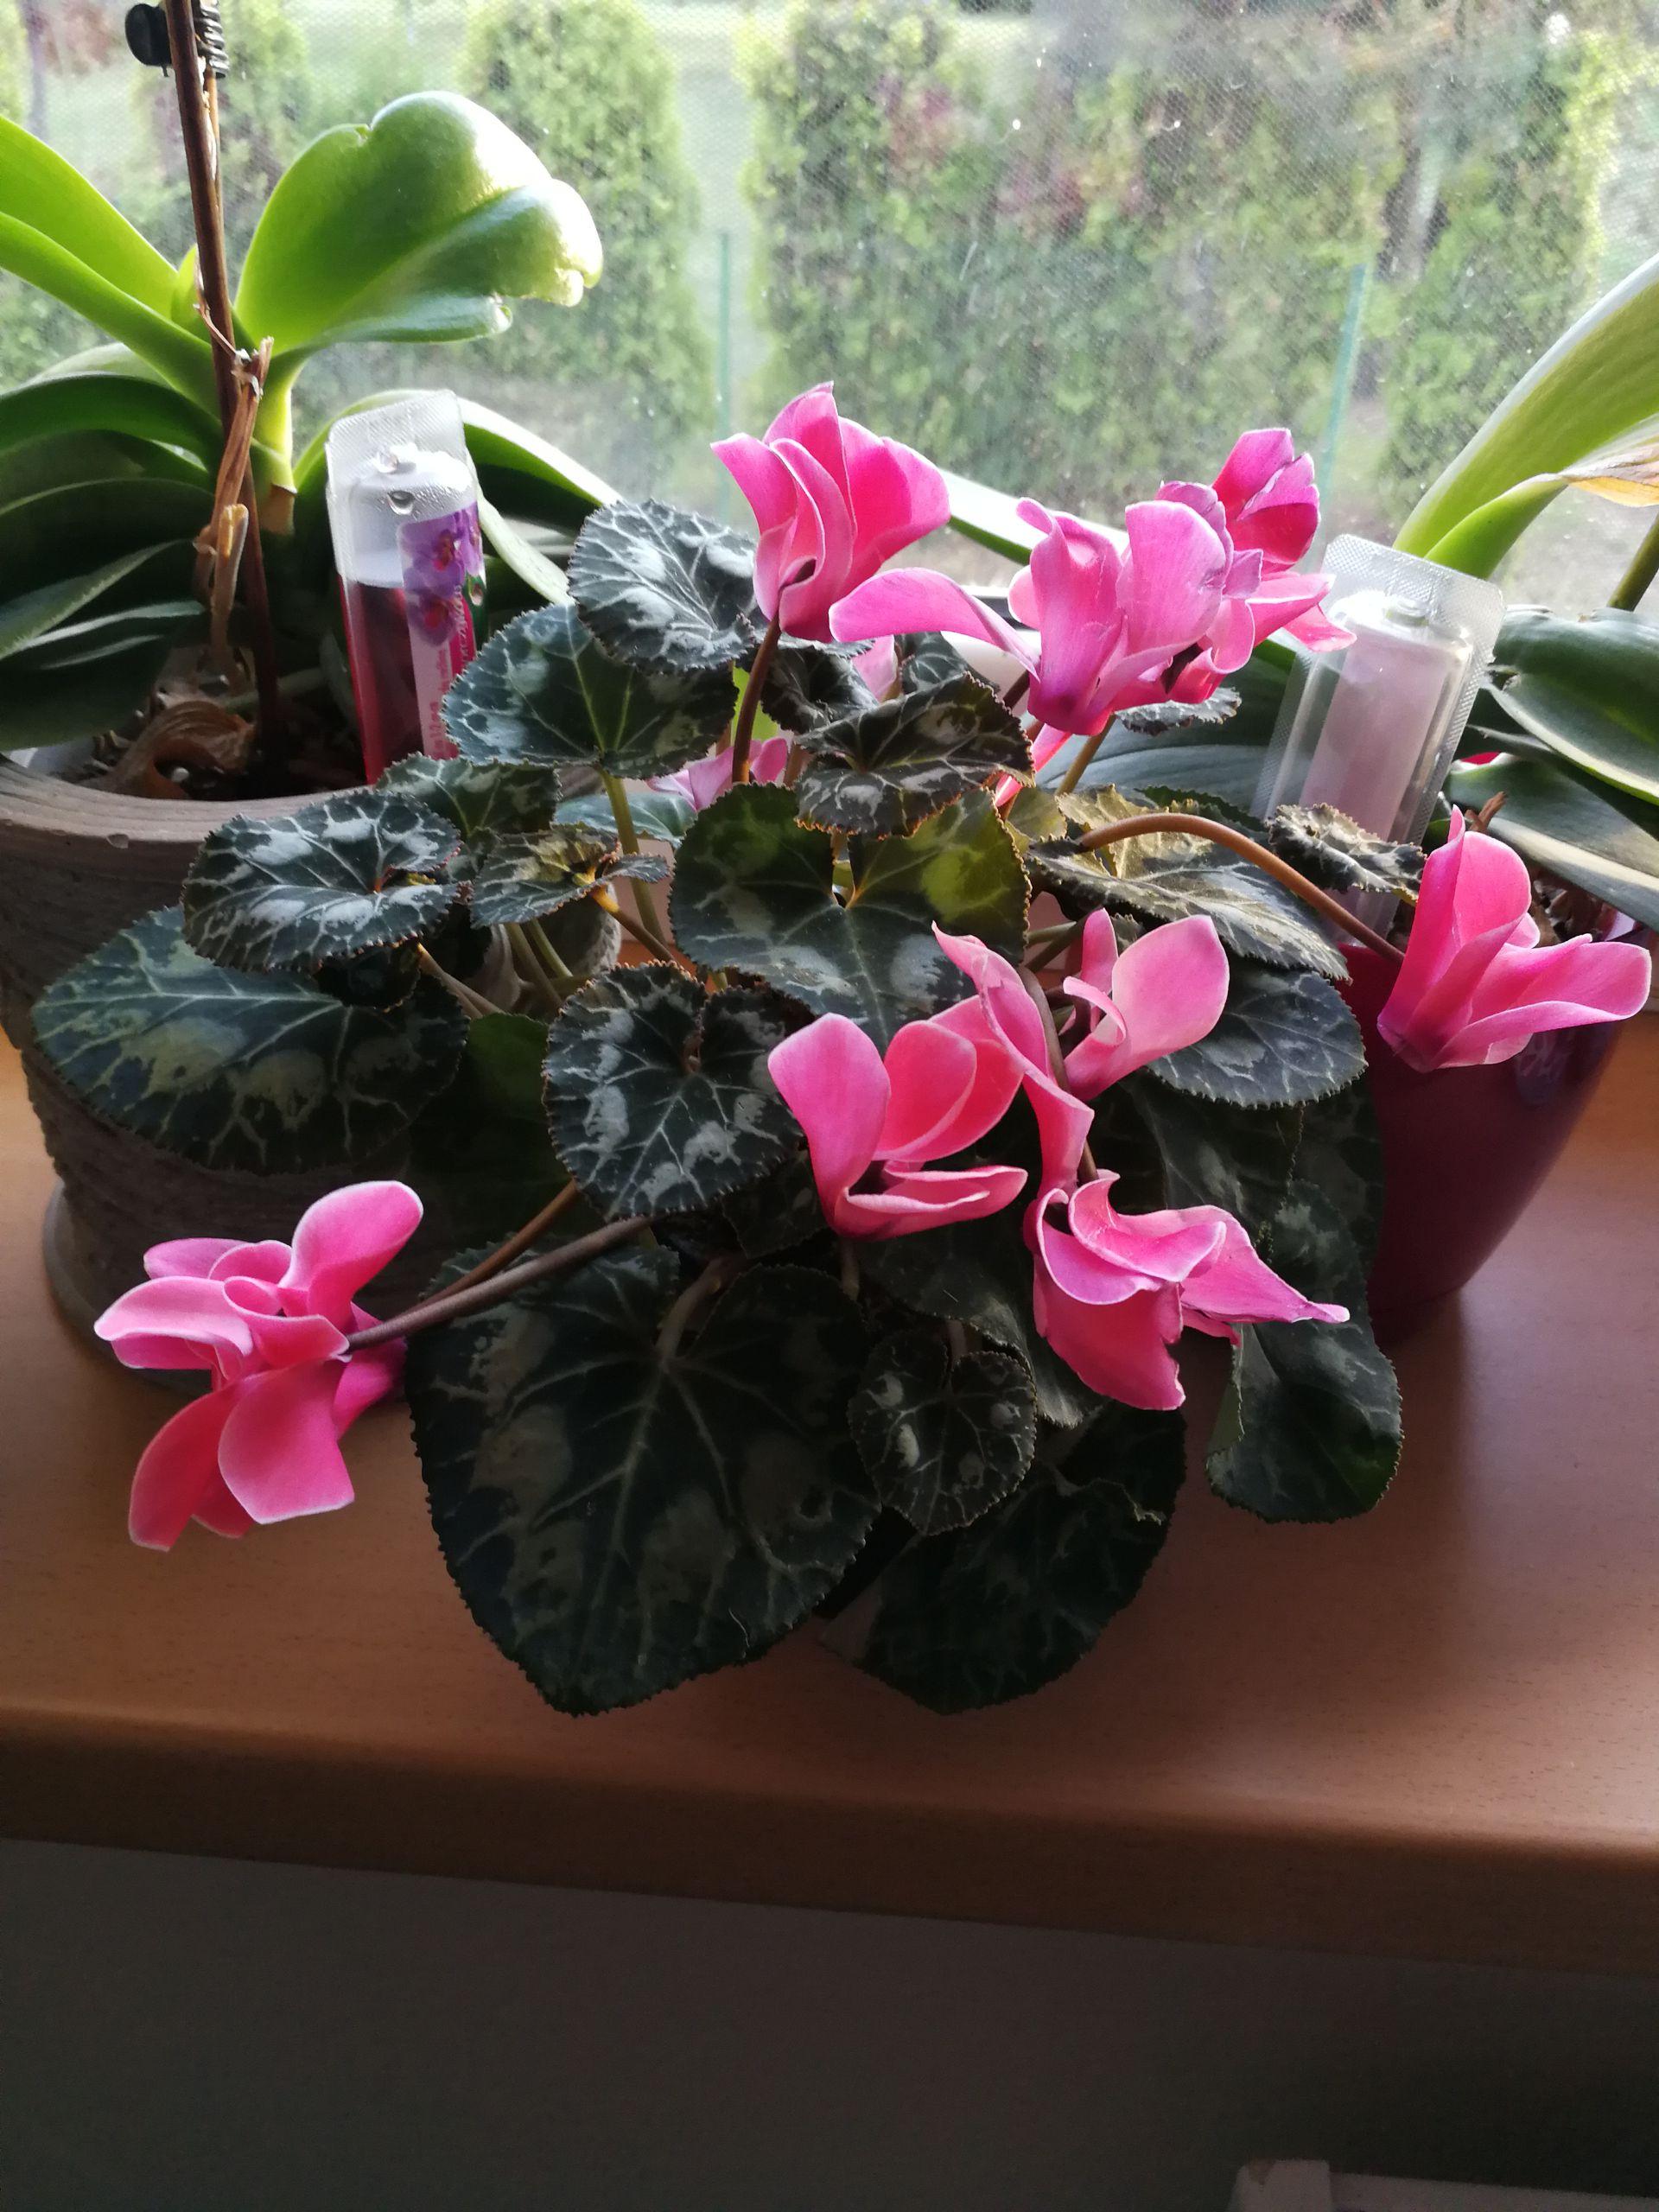 Cyklamen, biedronka + inne rośliny ogrodowe, kwiaty, ogród